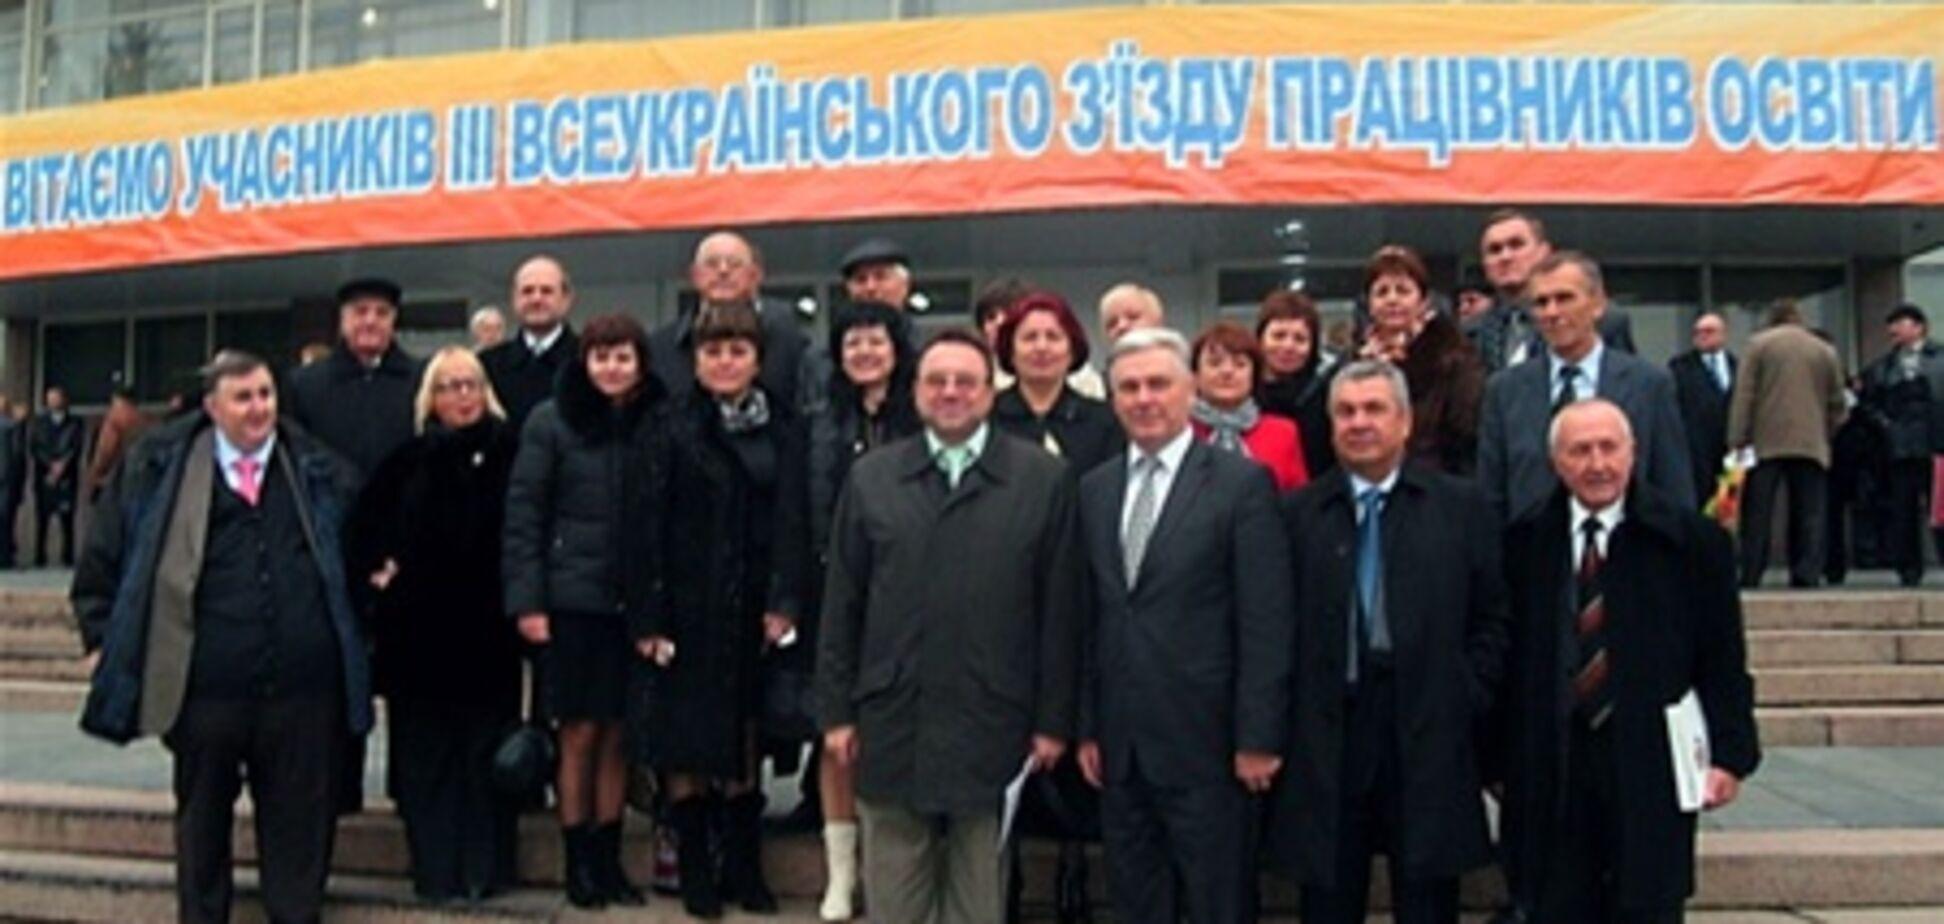 ІІІ Всеукраїнський з'їзд працівників освіти. Нотатки на полях